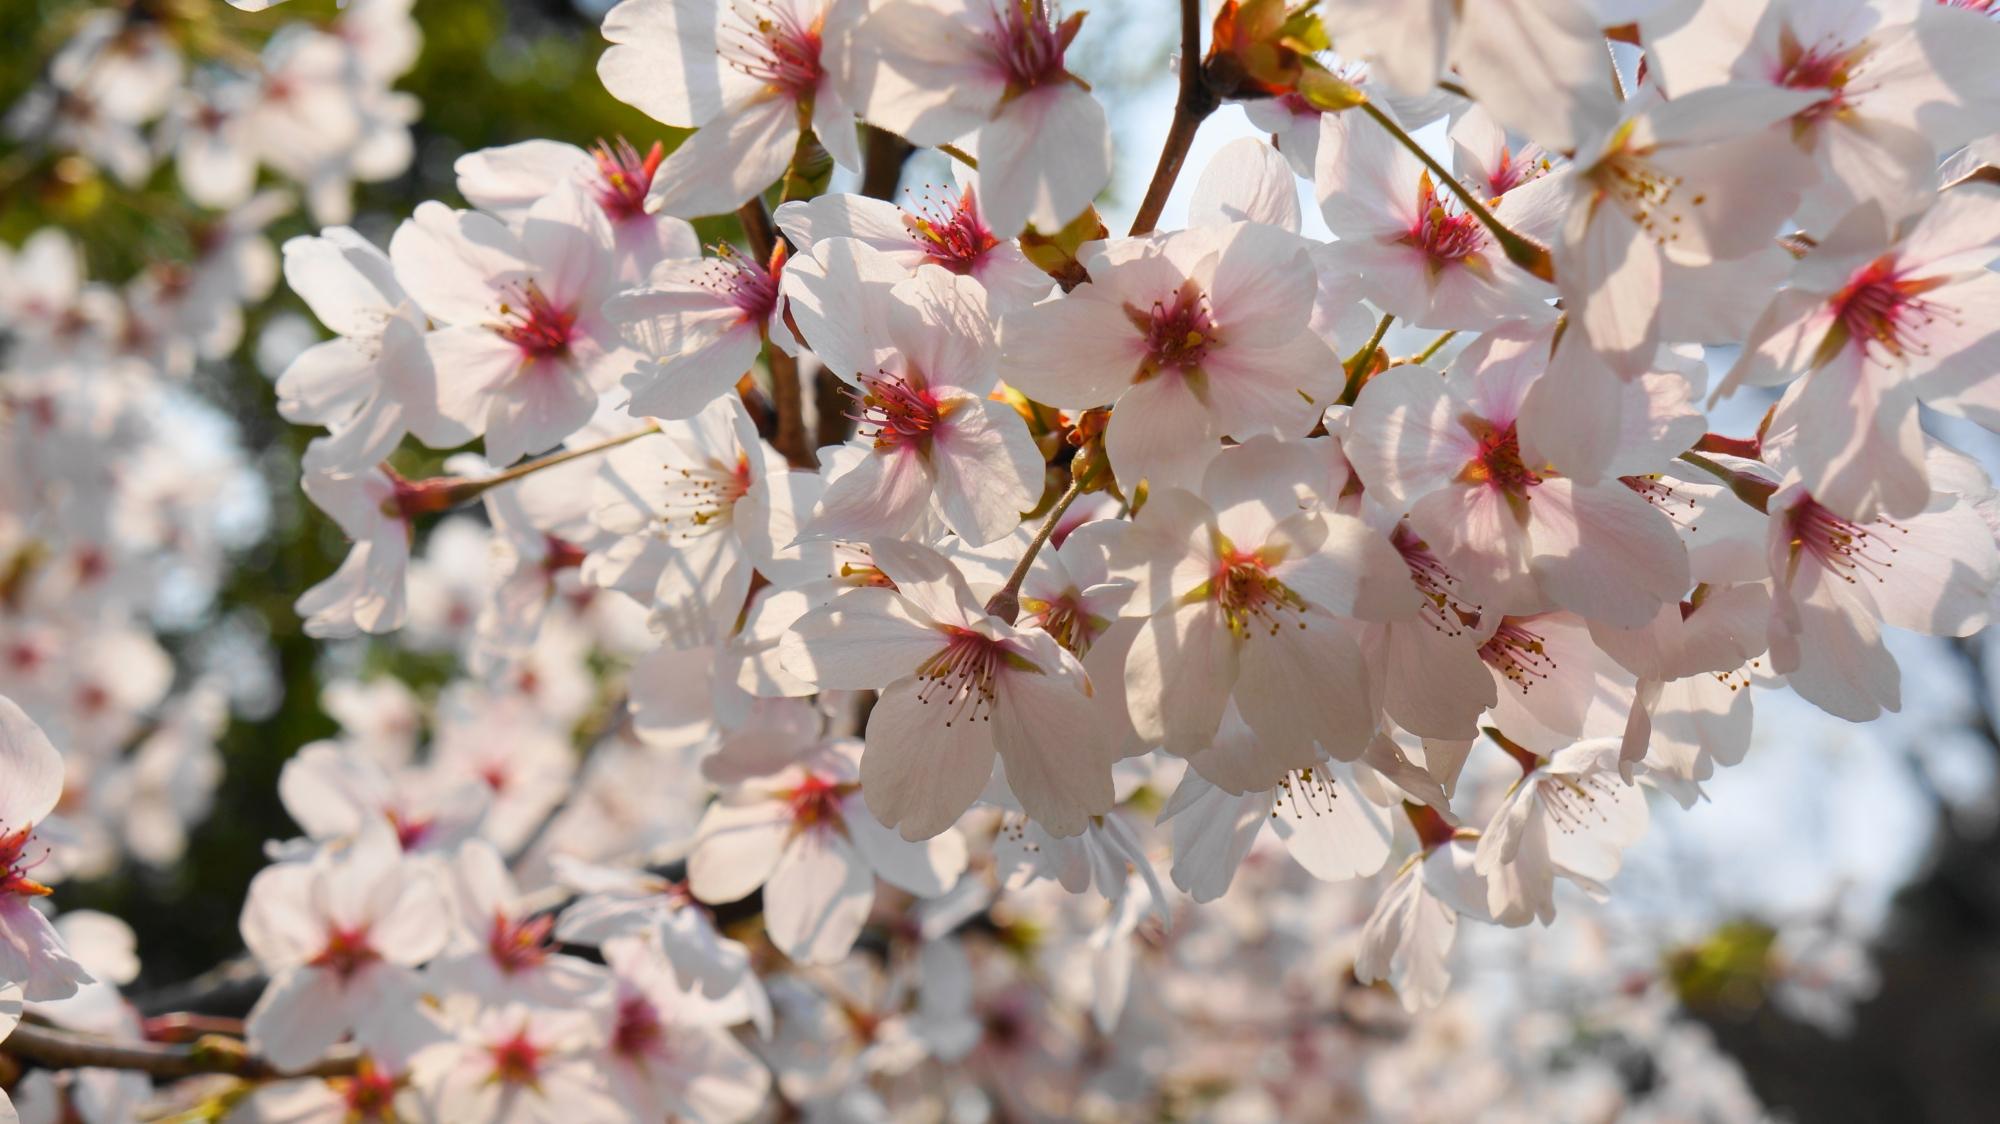 太陽に照らされて輝く桜の花